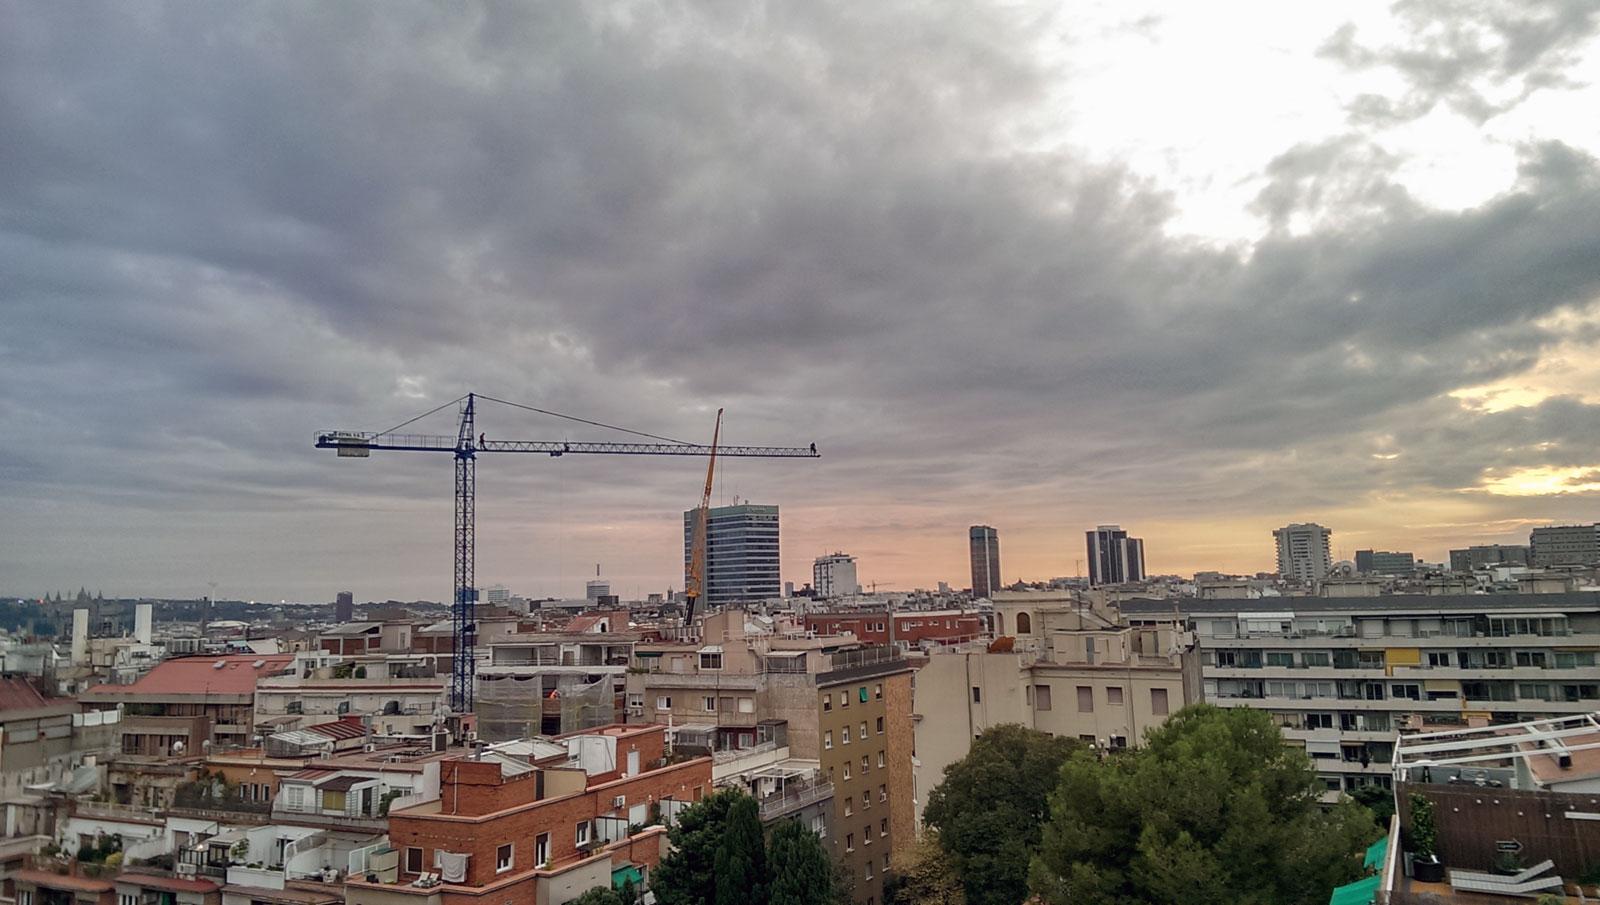 grua que monta grua; muntaner-porvenir, barcelona, domingo 13/11/2016